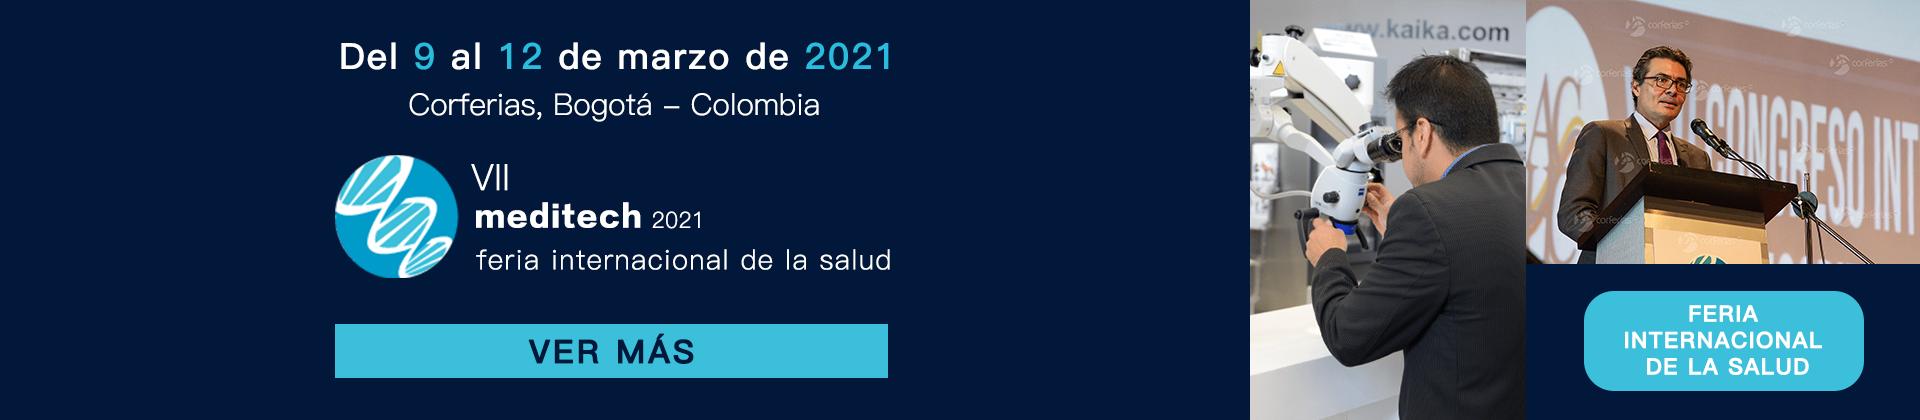 哥伦比亚医疗